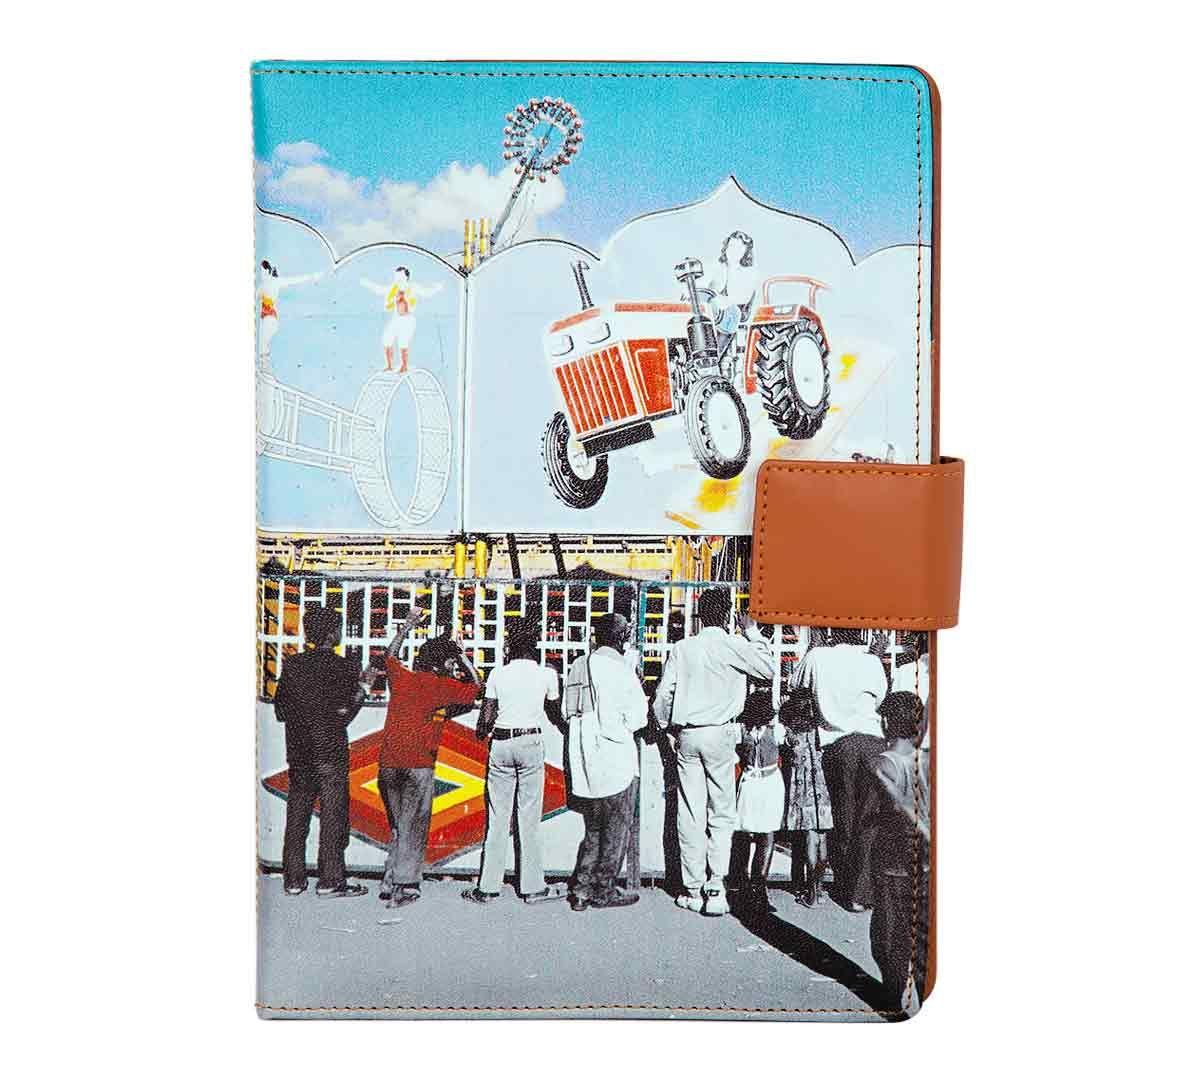 India Circus Bedlam Bazaaar Notebook Planner